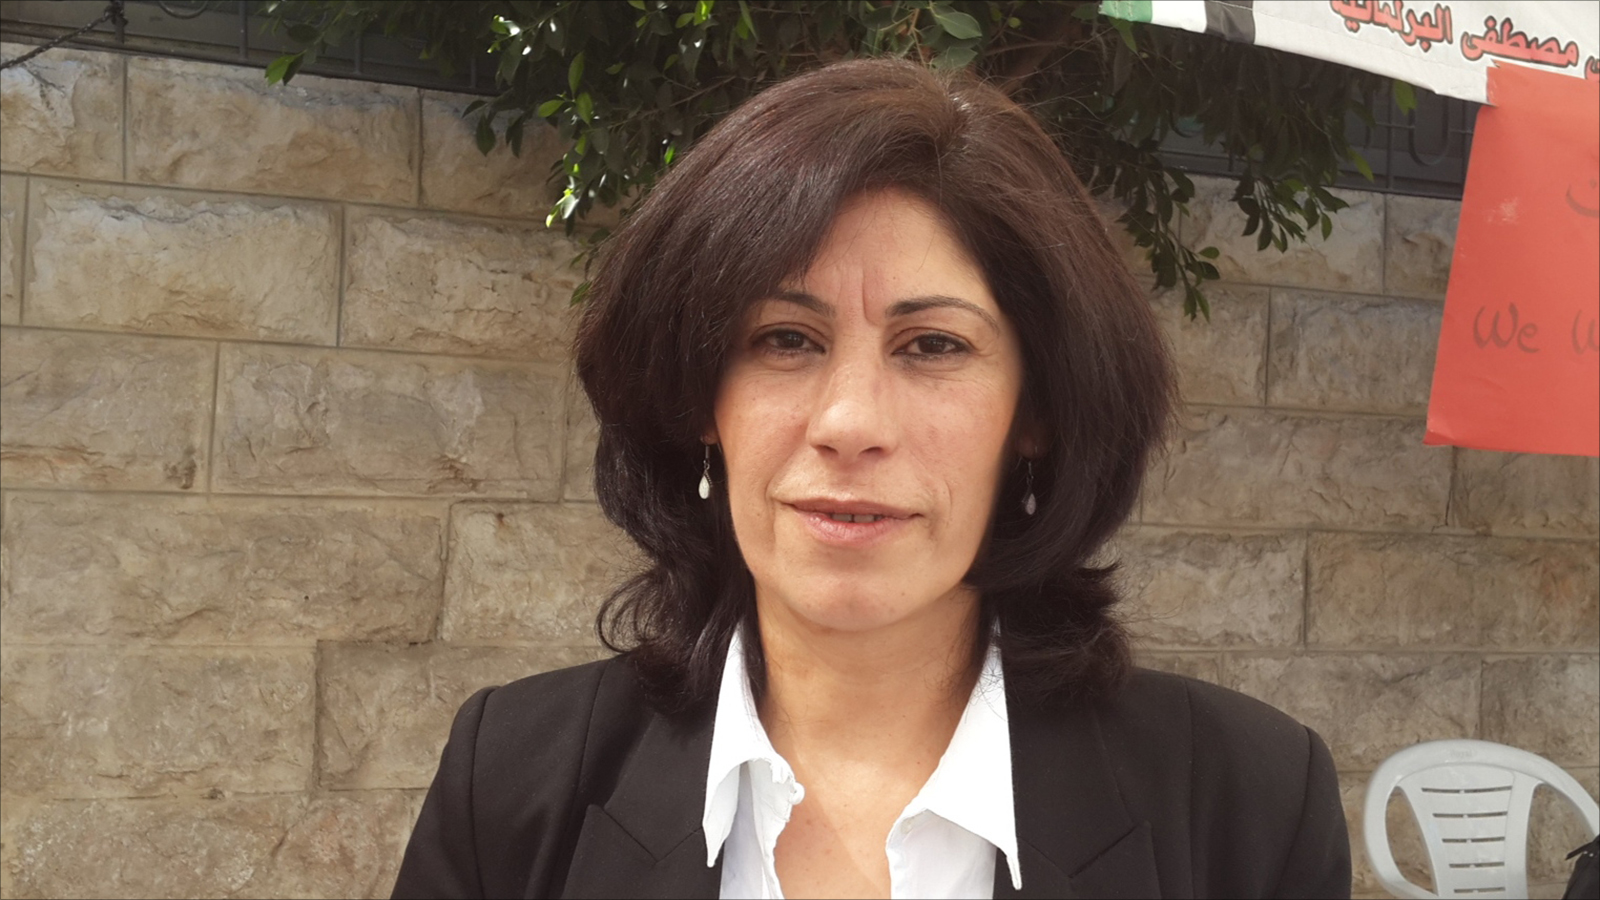 خالدة جرار: لا يملك أحد حق التخلي عن أي من الثوابت الفلسطينية   فلسطين اليوم